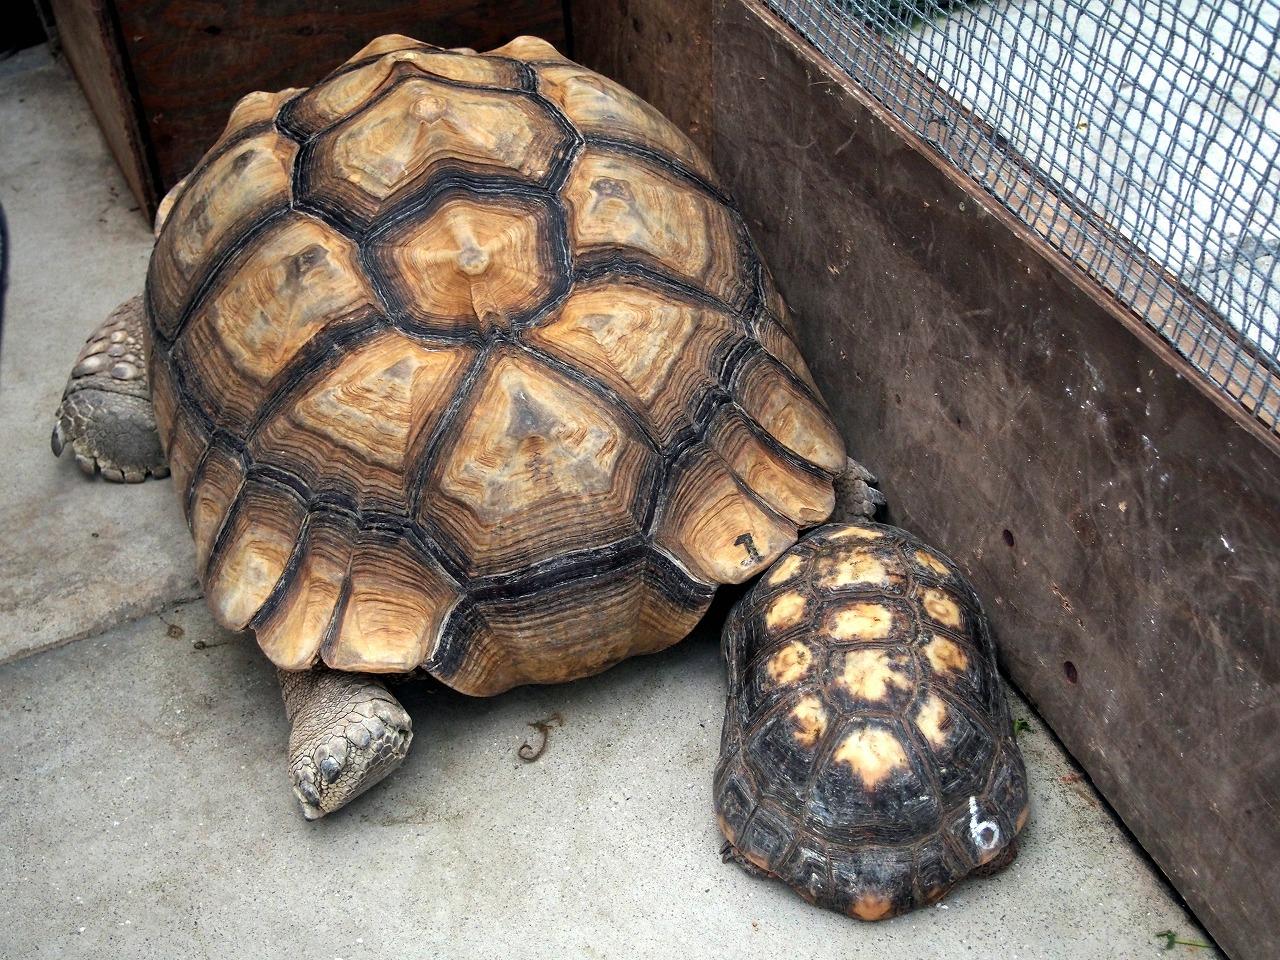 Tortoise_20140913-01.jpg